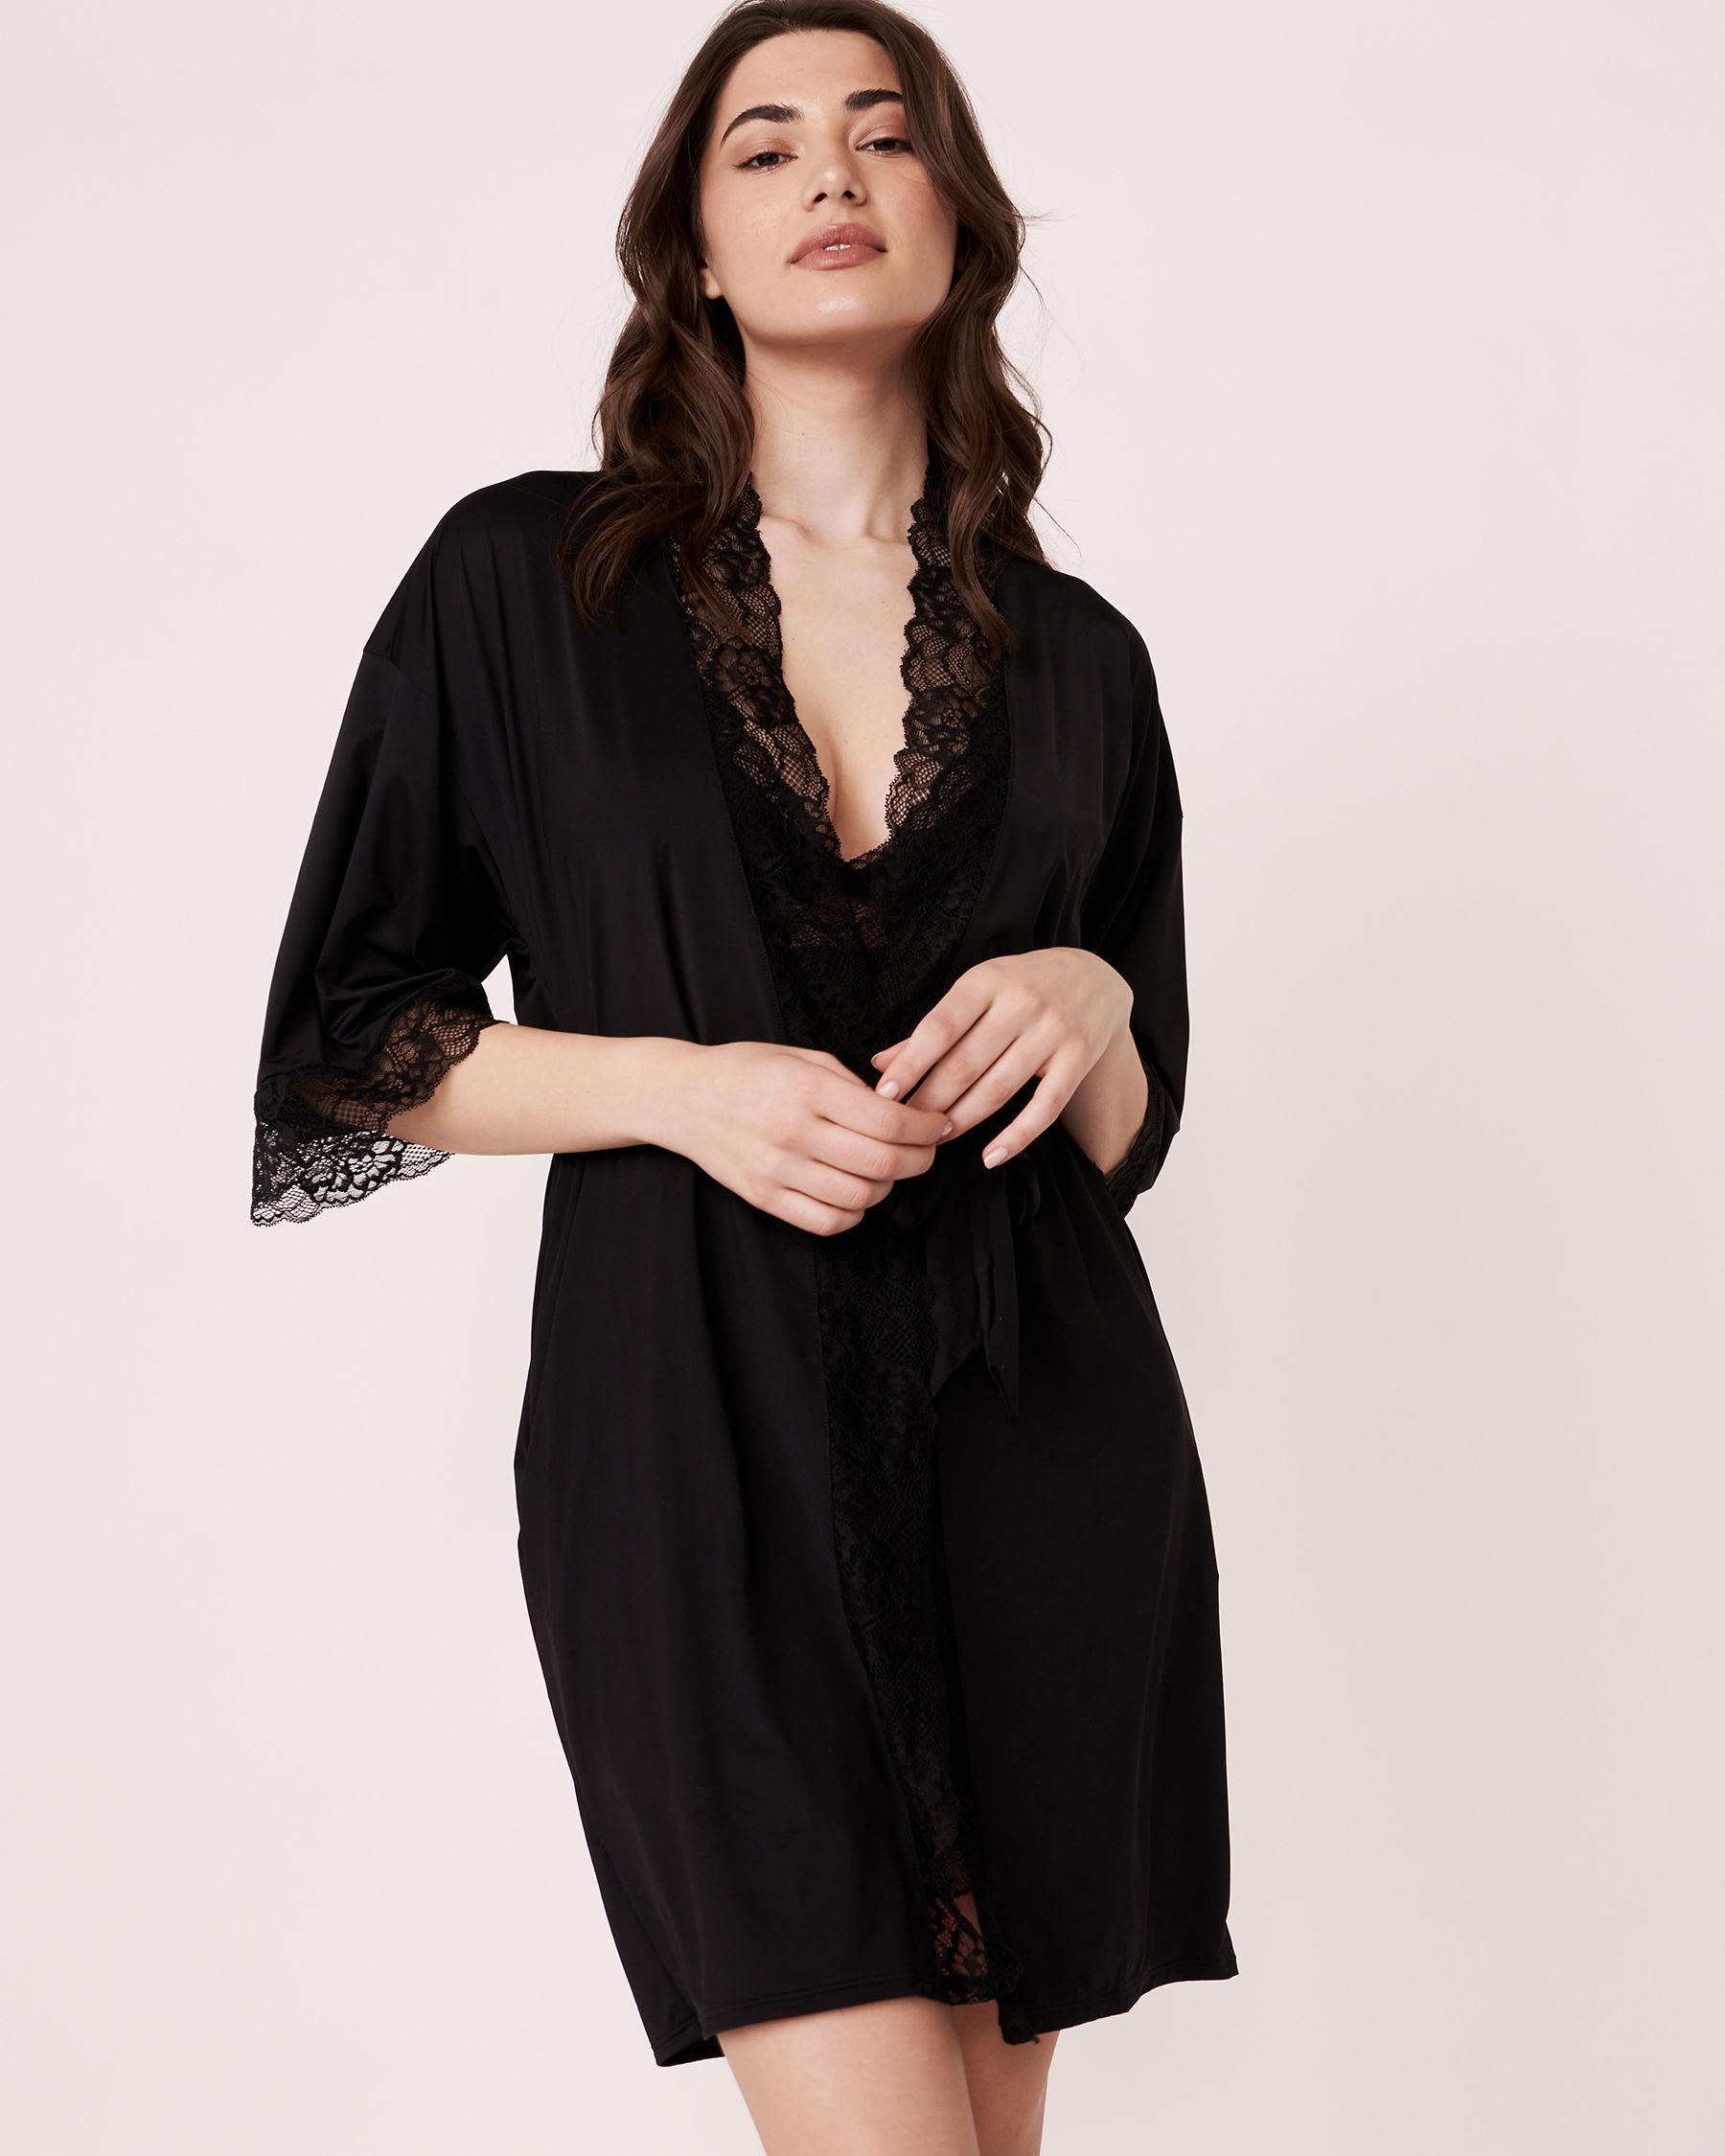 LA VIE EN ROSE Kimono garniture de dentelle Noir 60600002 - Voir1